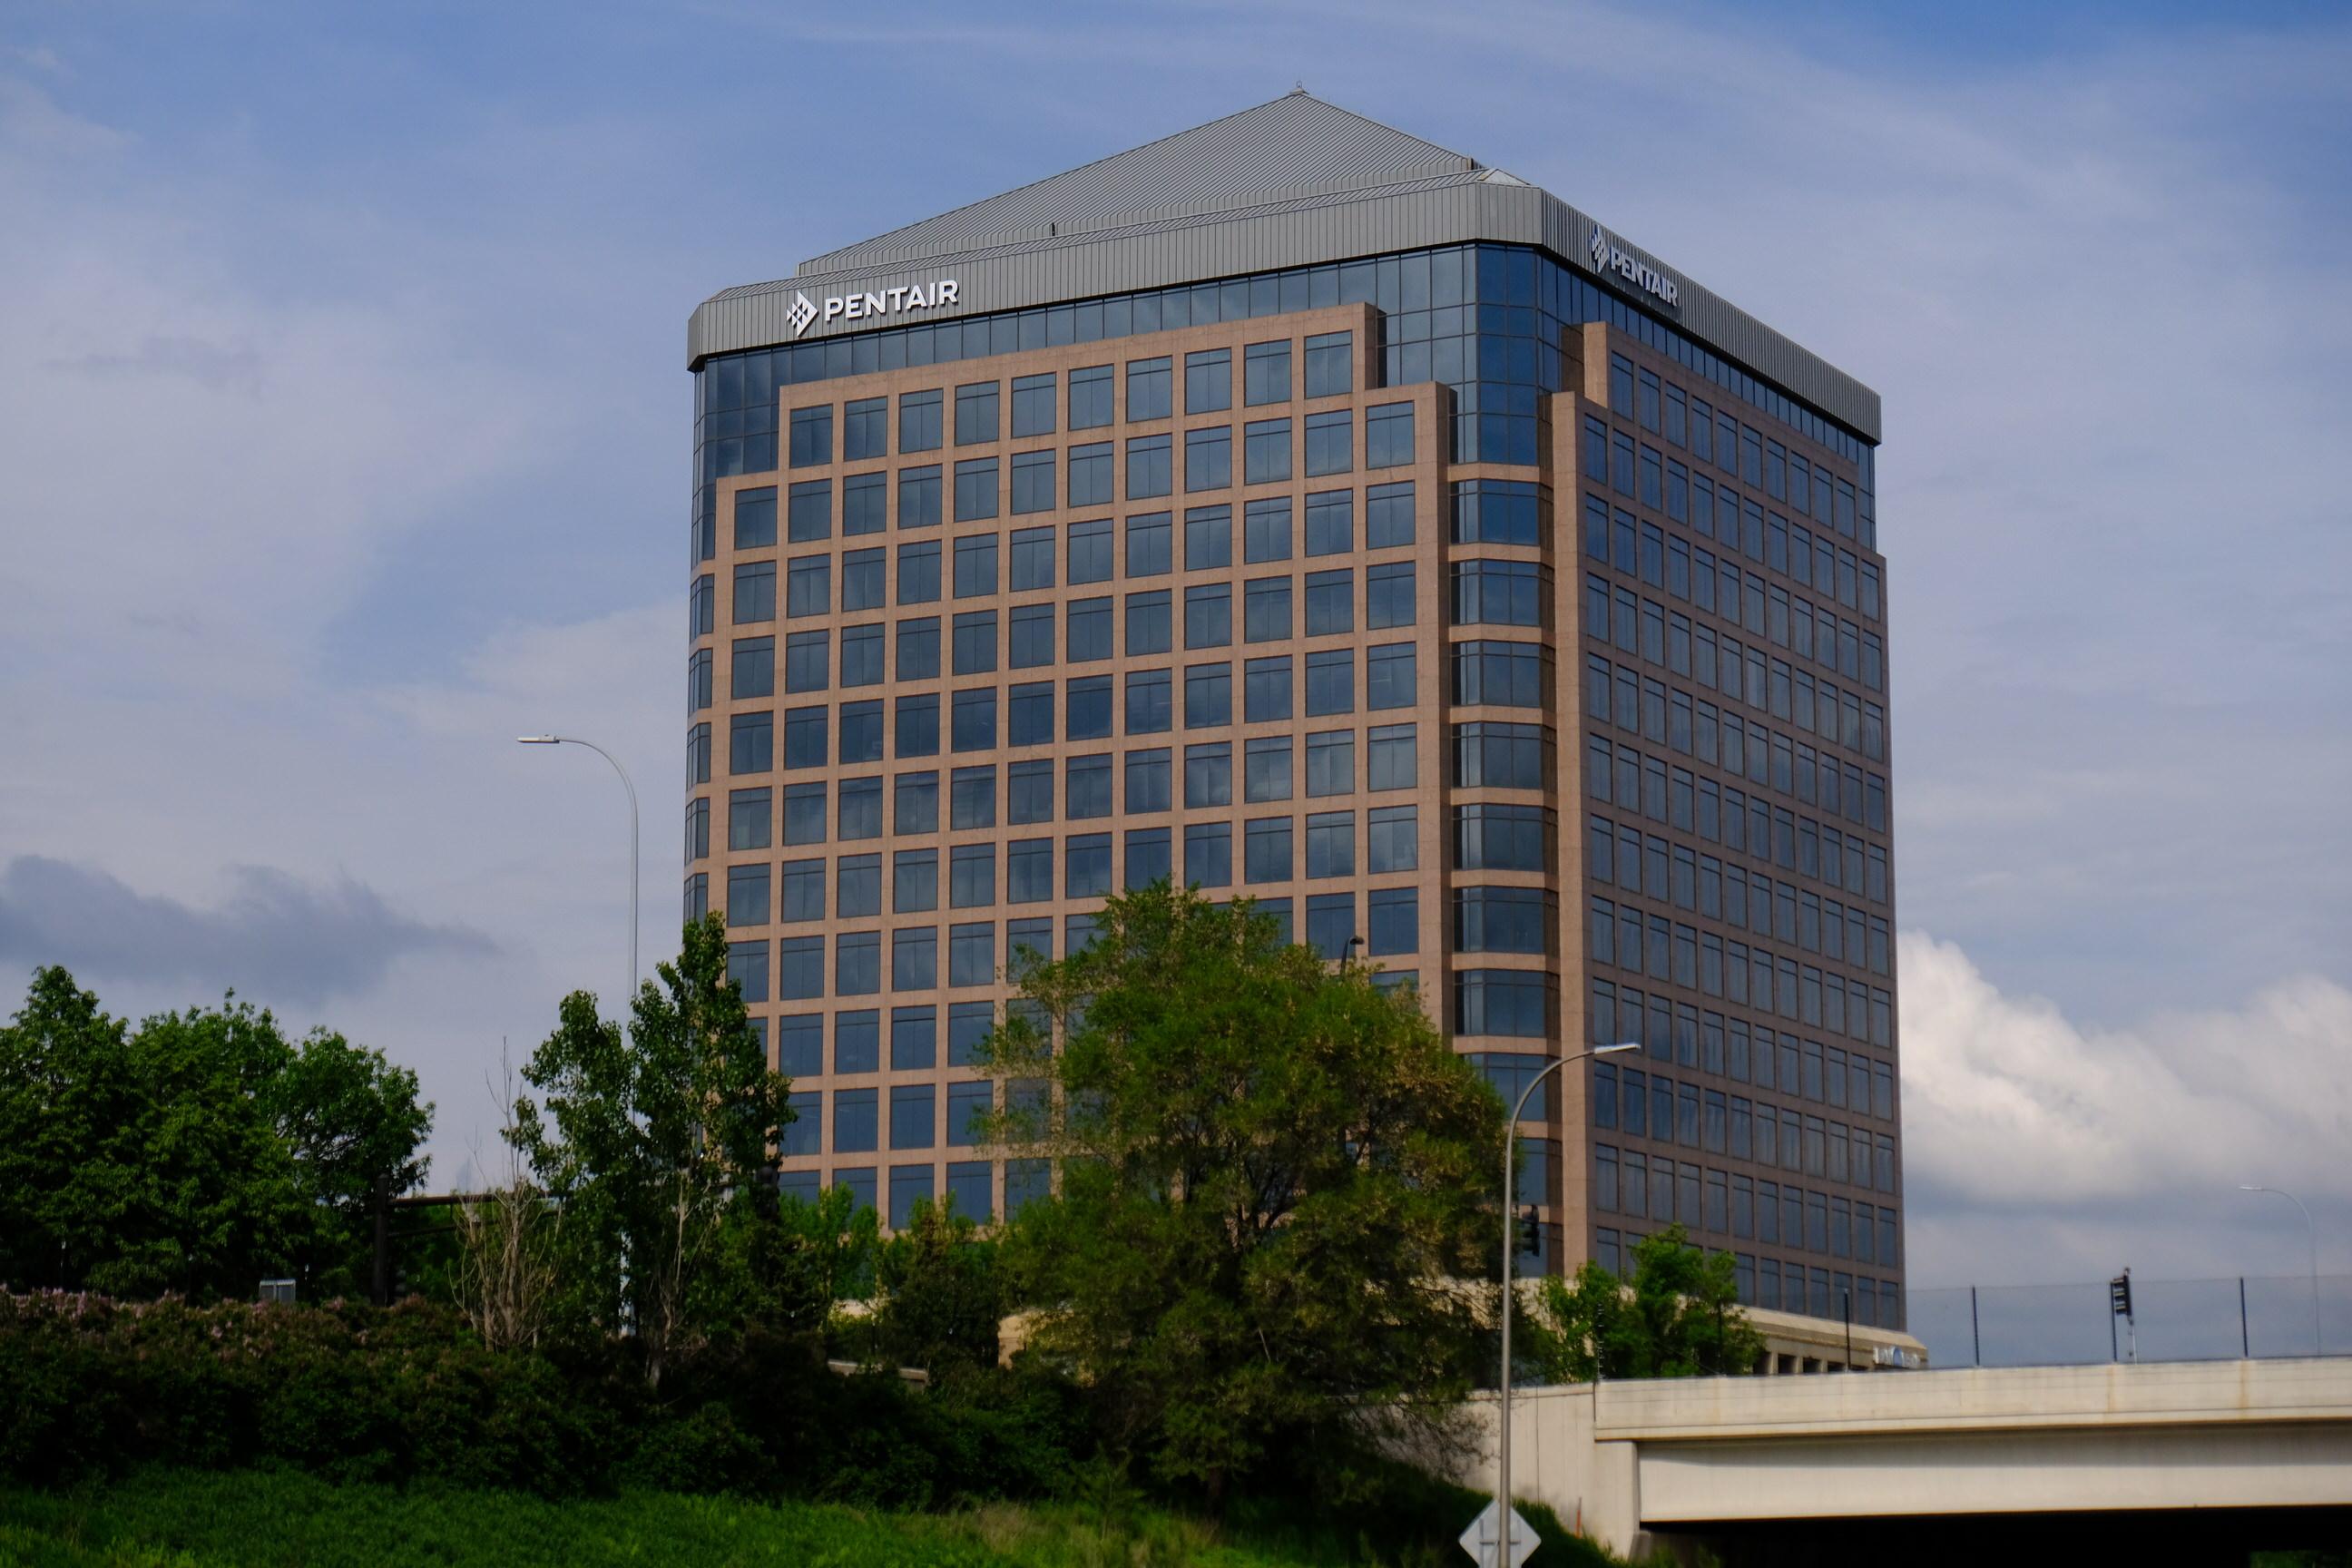 Pentair office in Minneapolis, Minnesota.